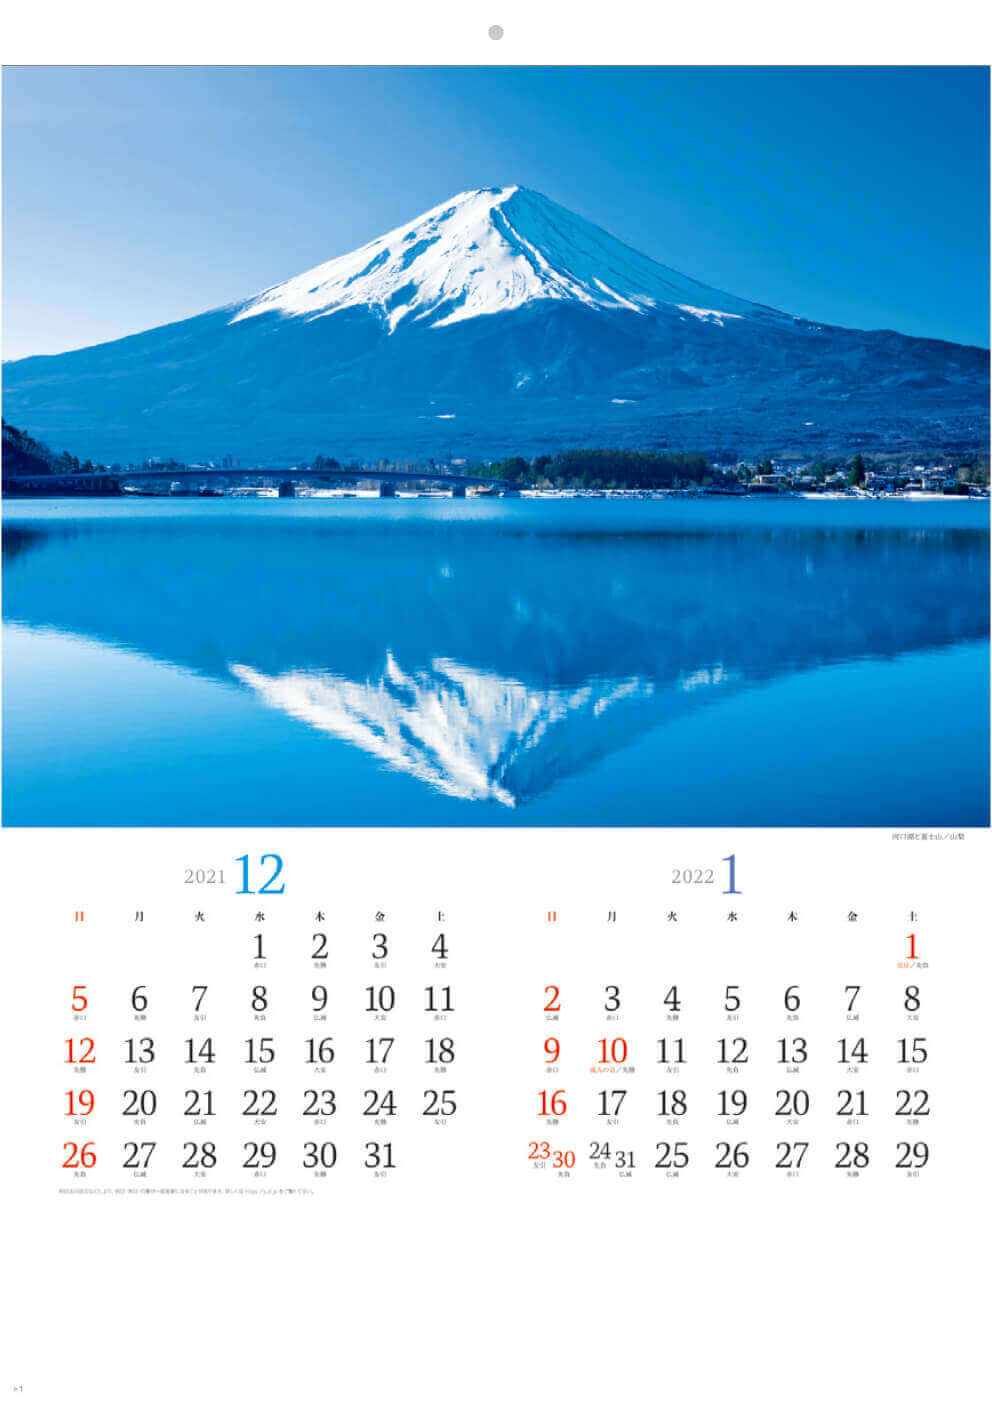 2021年12月 2022年1月 彩り日本(12月はじまり) 2022年カレンダーの画像